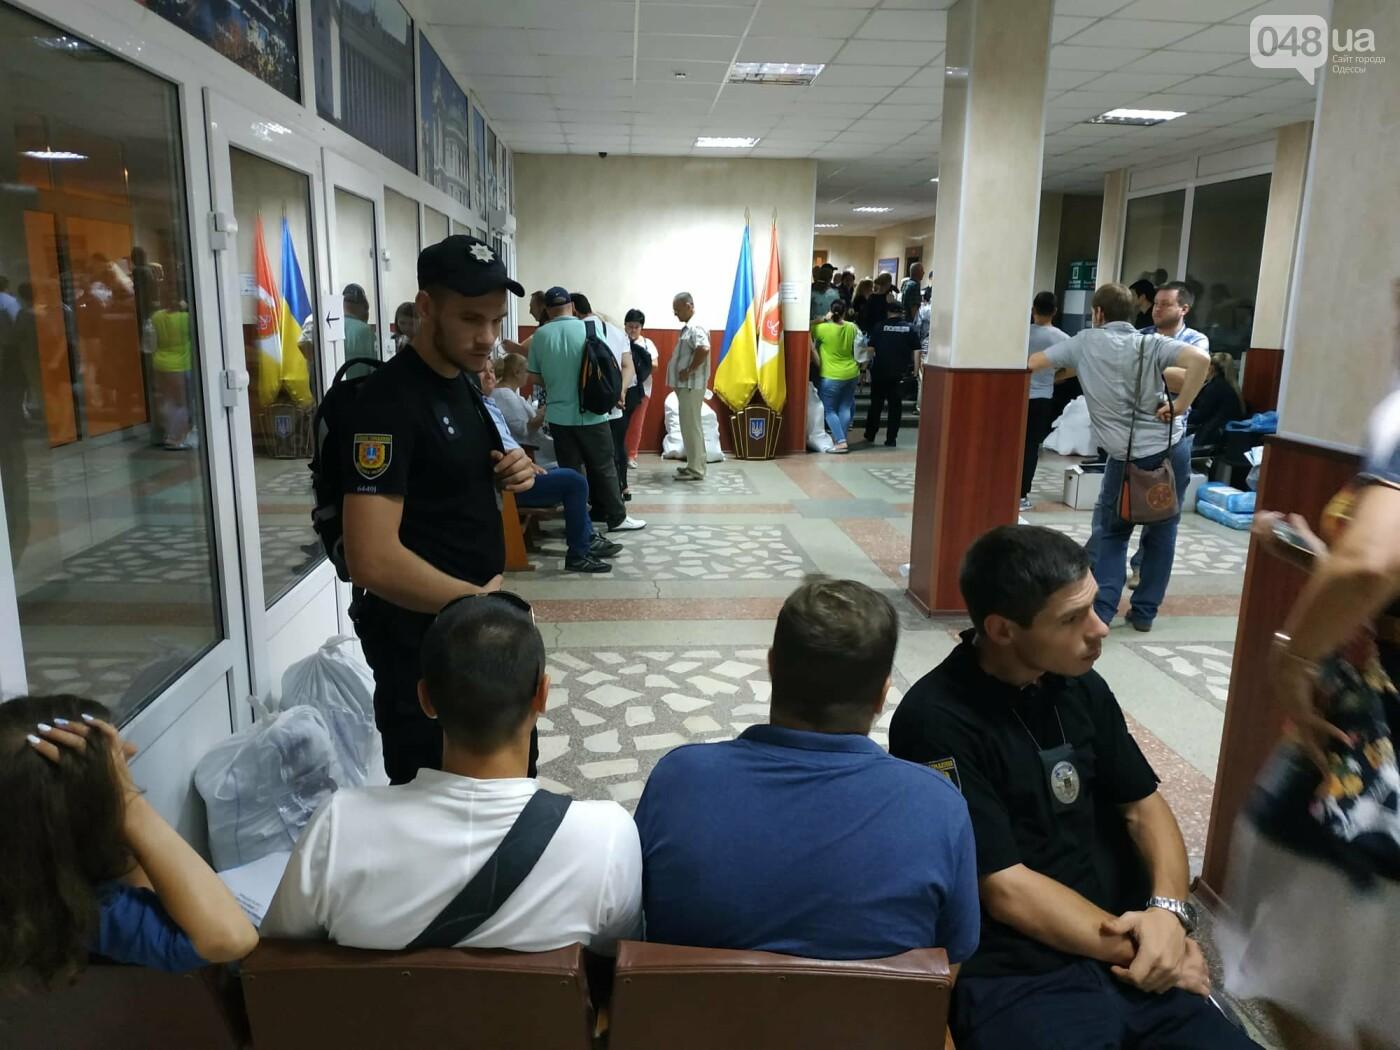 Как прошла ночь в ОИК в Одессе: полиция закрывает глаза на нарушения, - ФОТО, фото-12